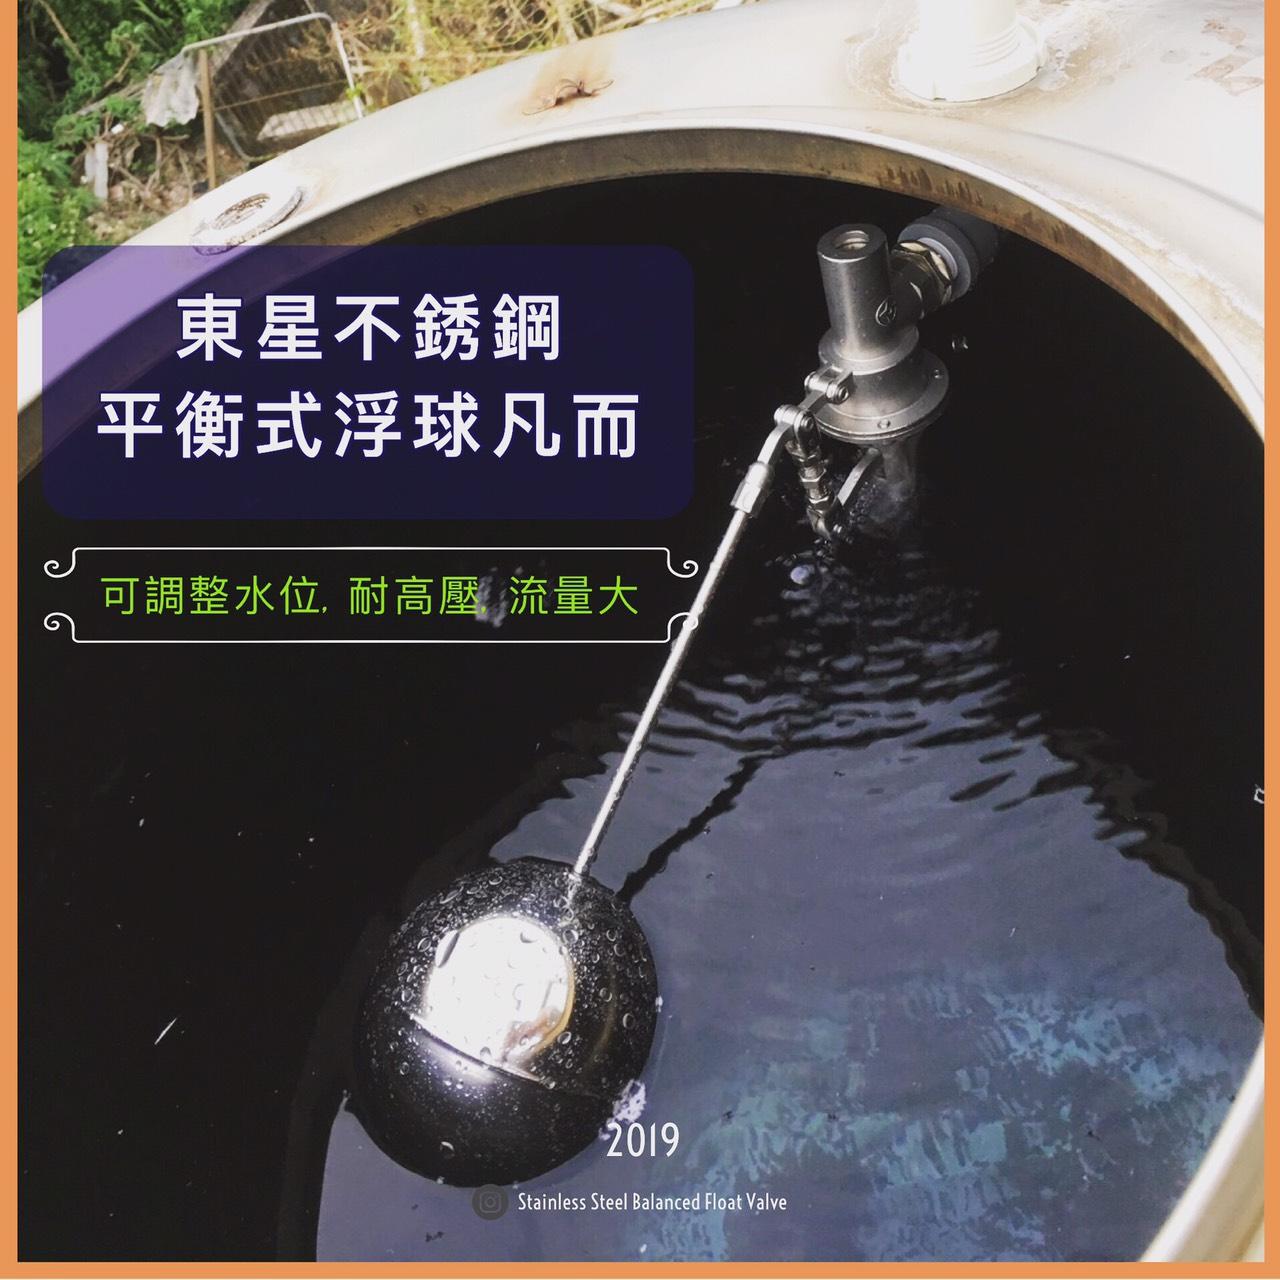 東星不鏽鋼浮球閥可調整水位